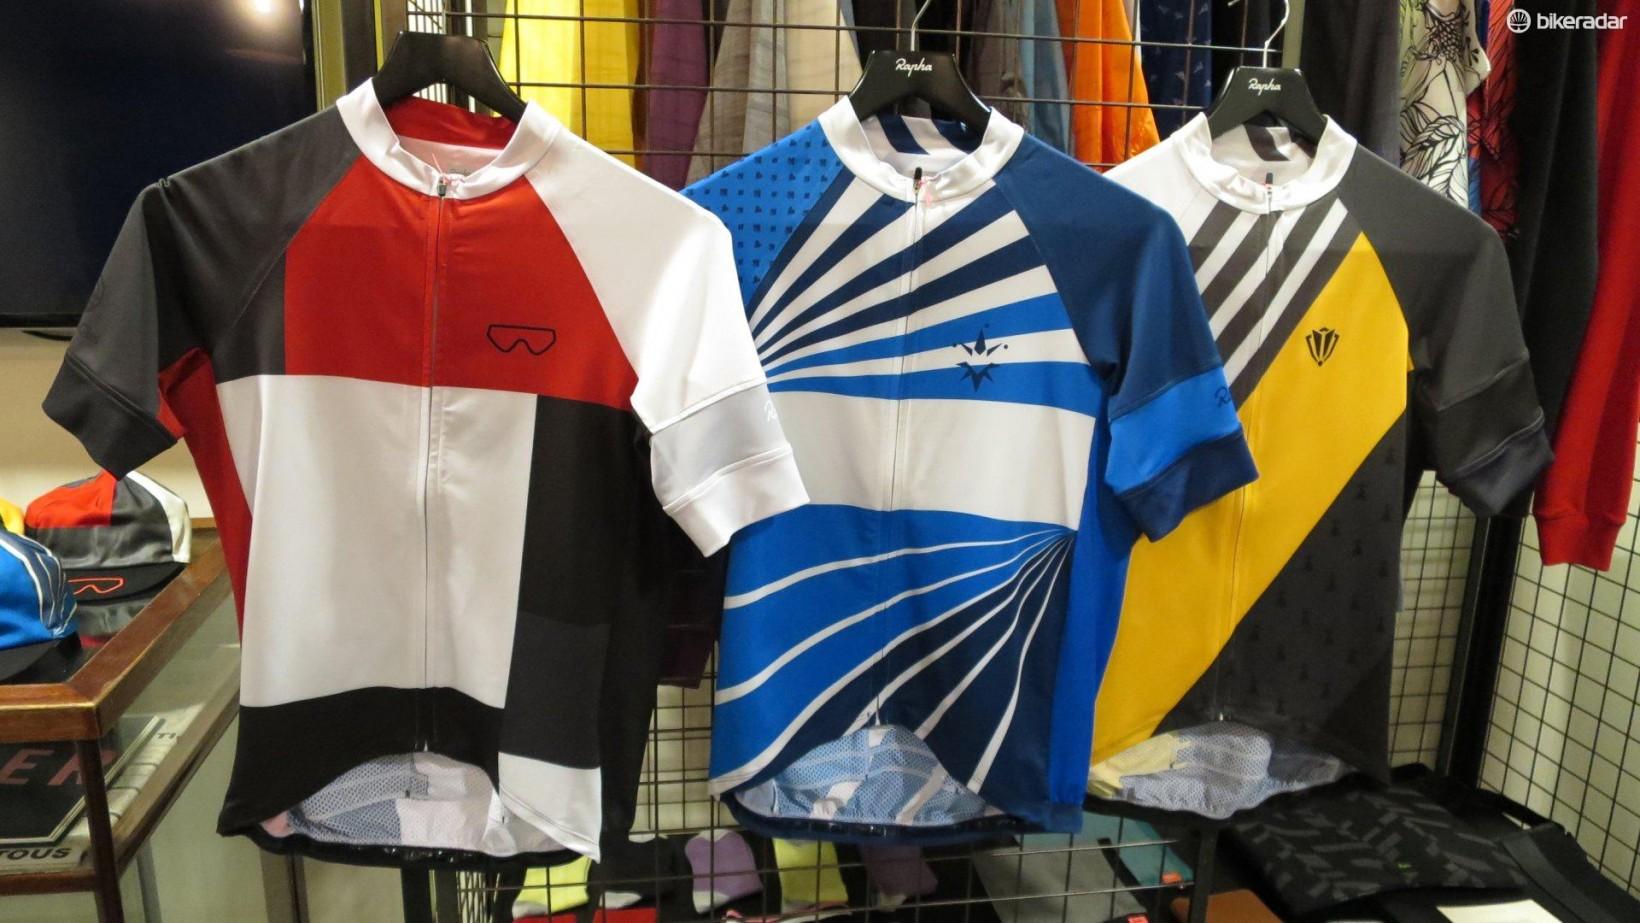 Remakes på La Vie Claire, ANC och Renault - bild från cyclingnews.com